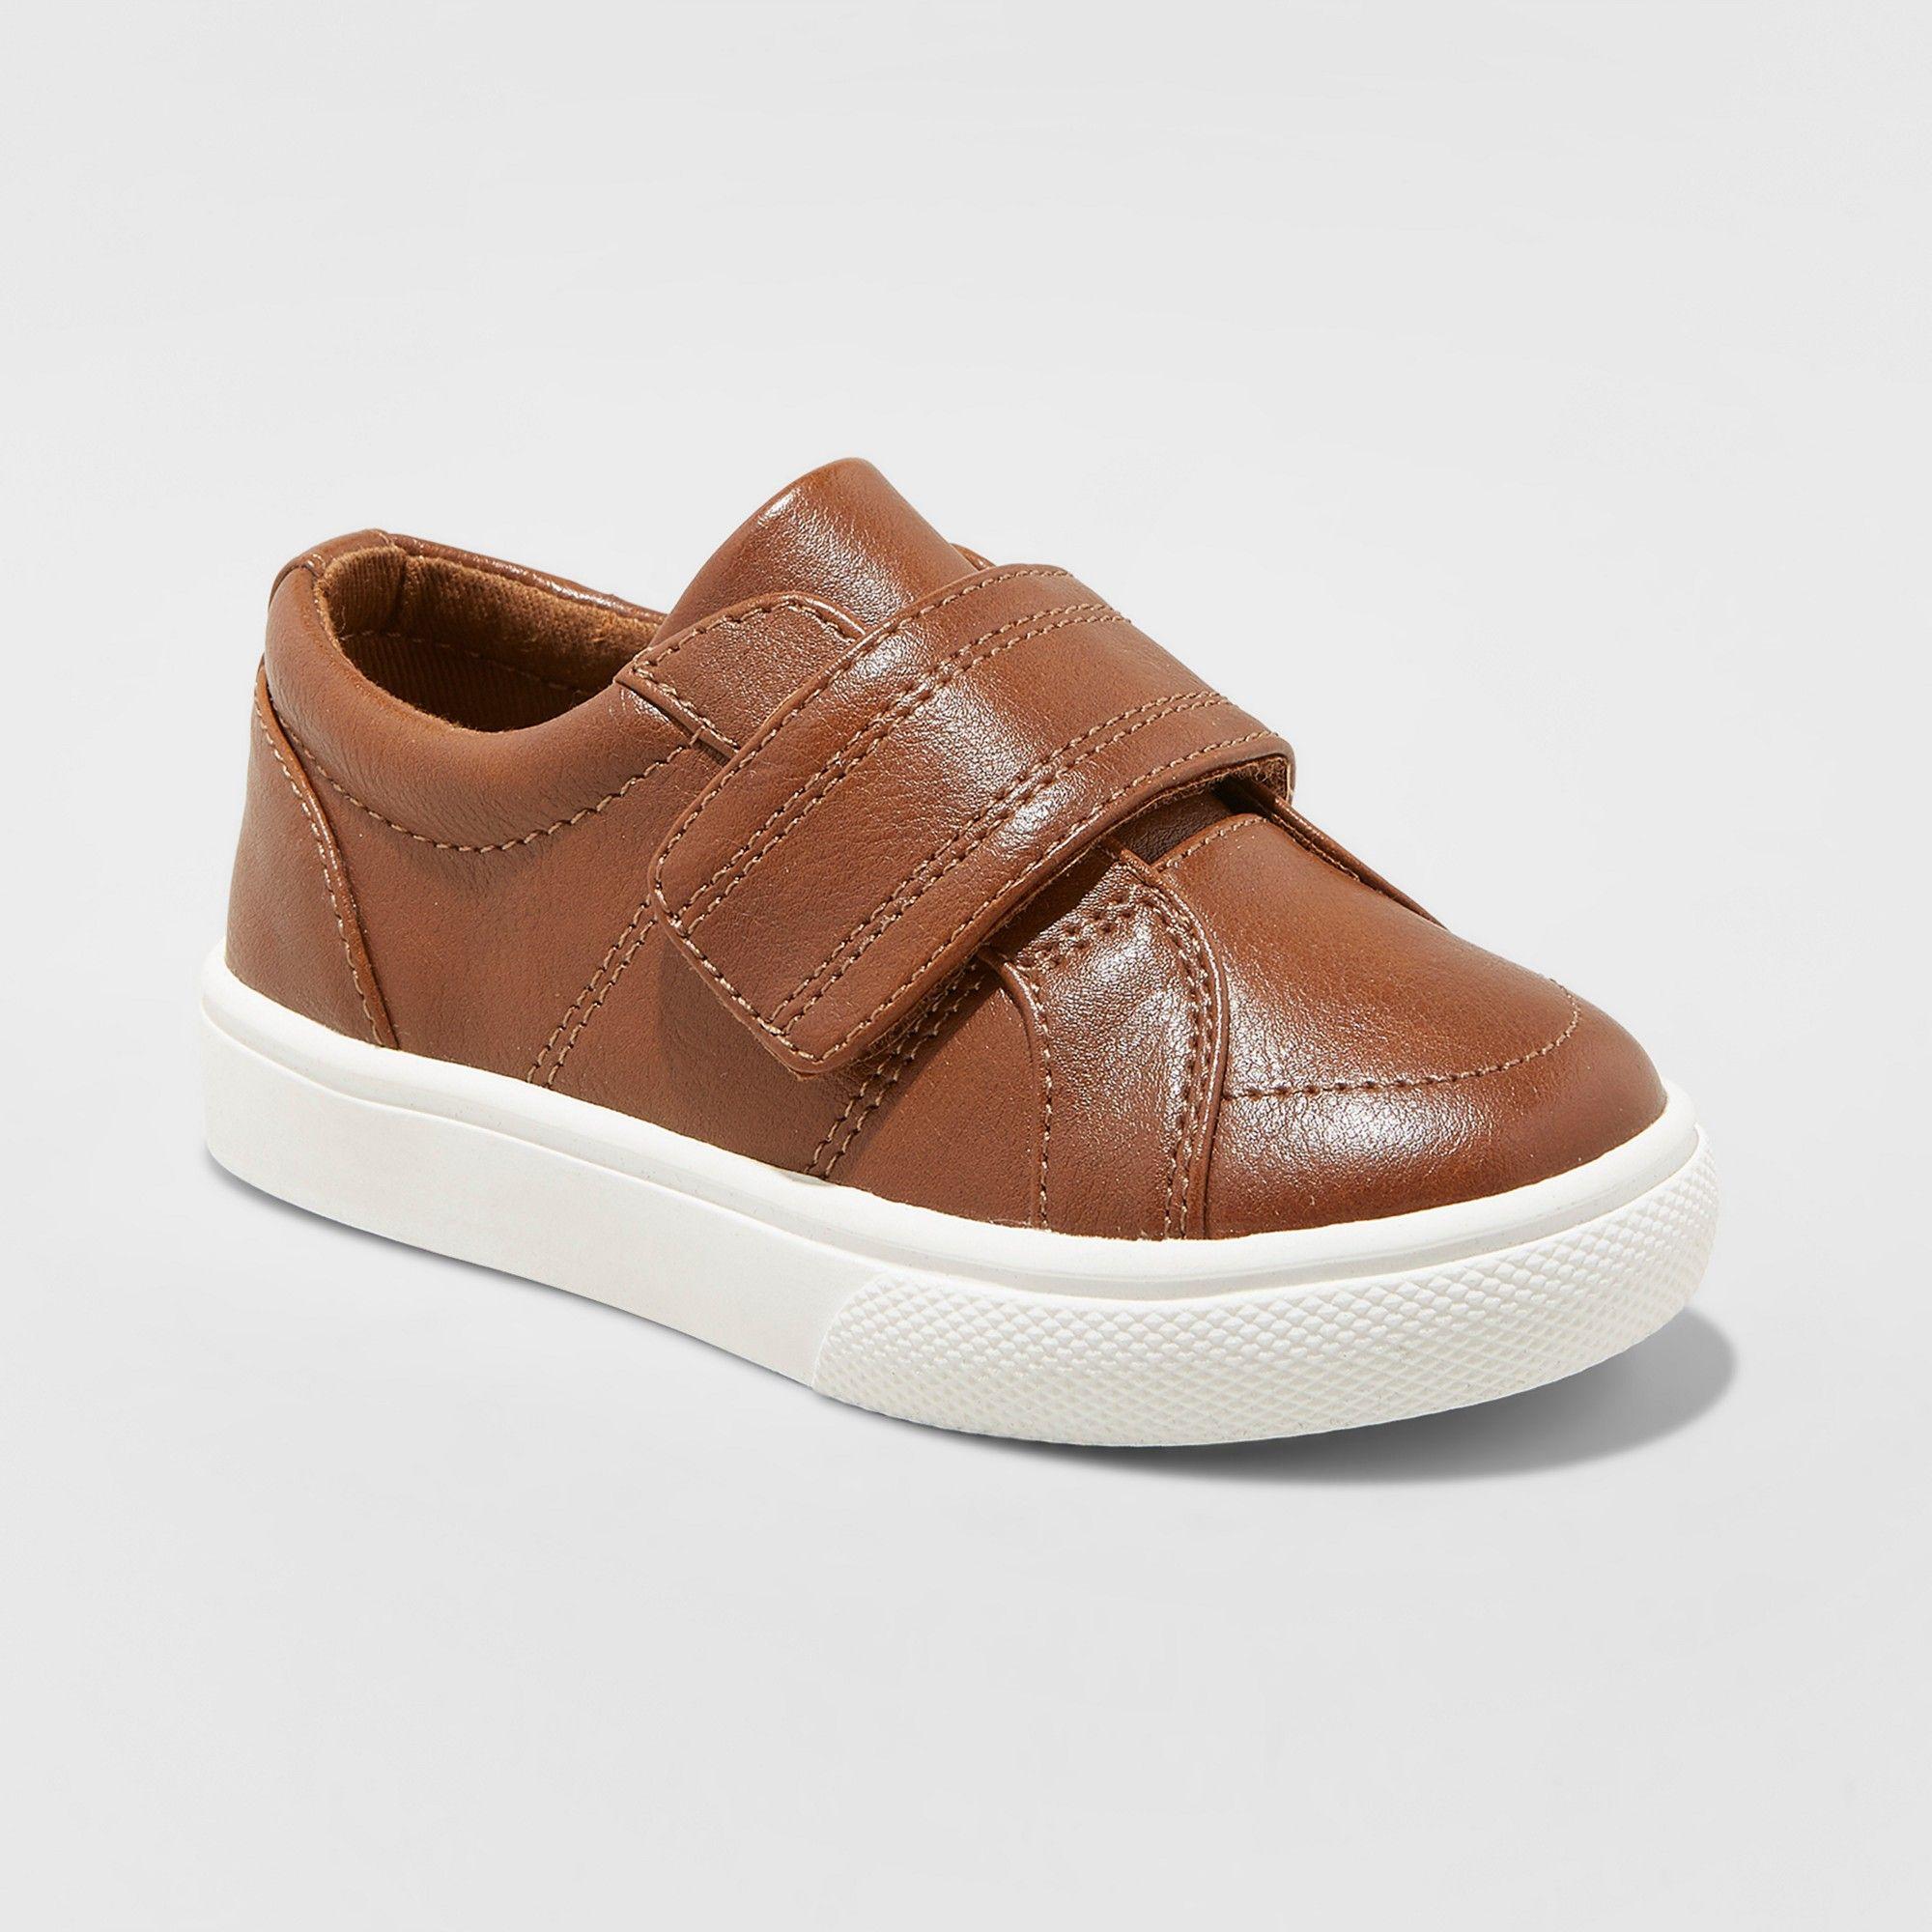 440f0c184971 Toddler Boys  Pedro Sneakers - Cat   Jack Tan 10